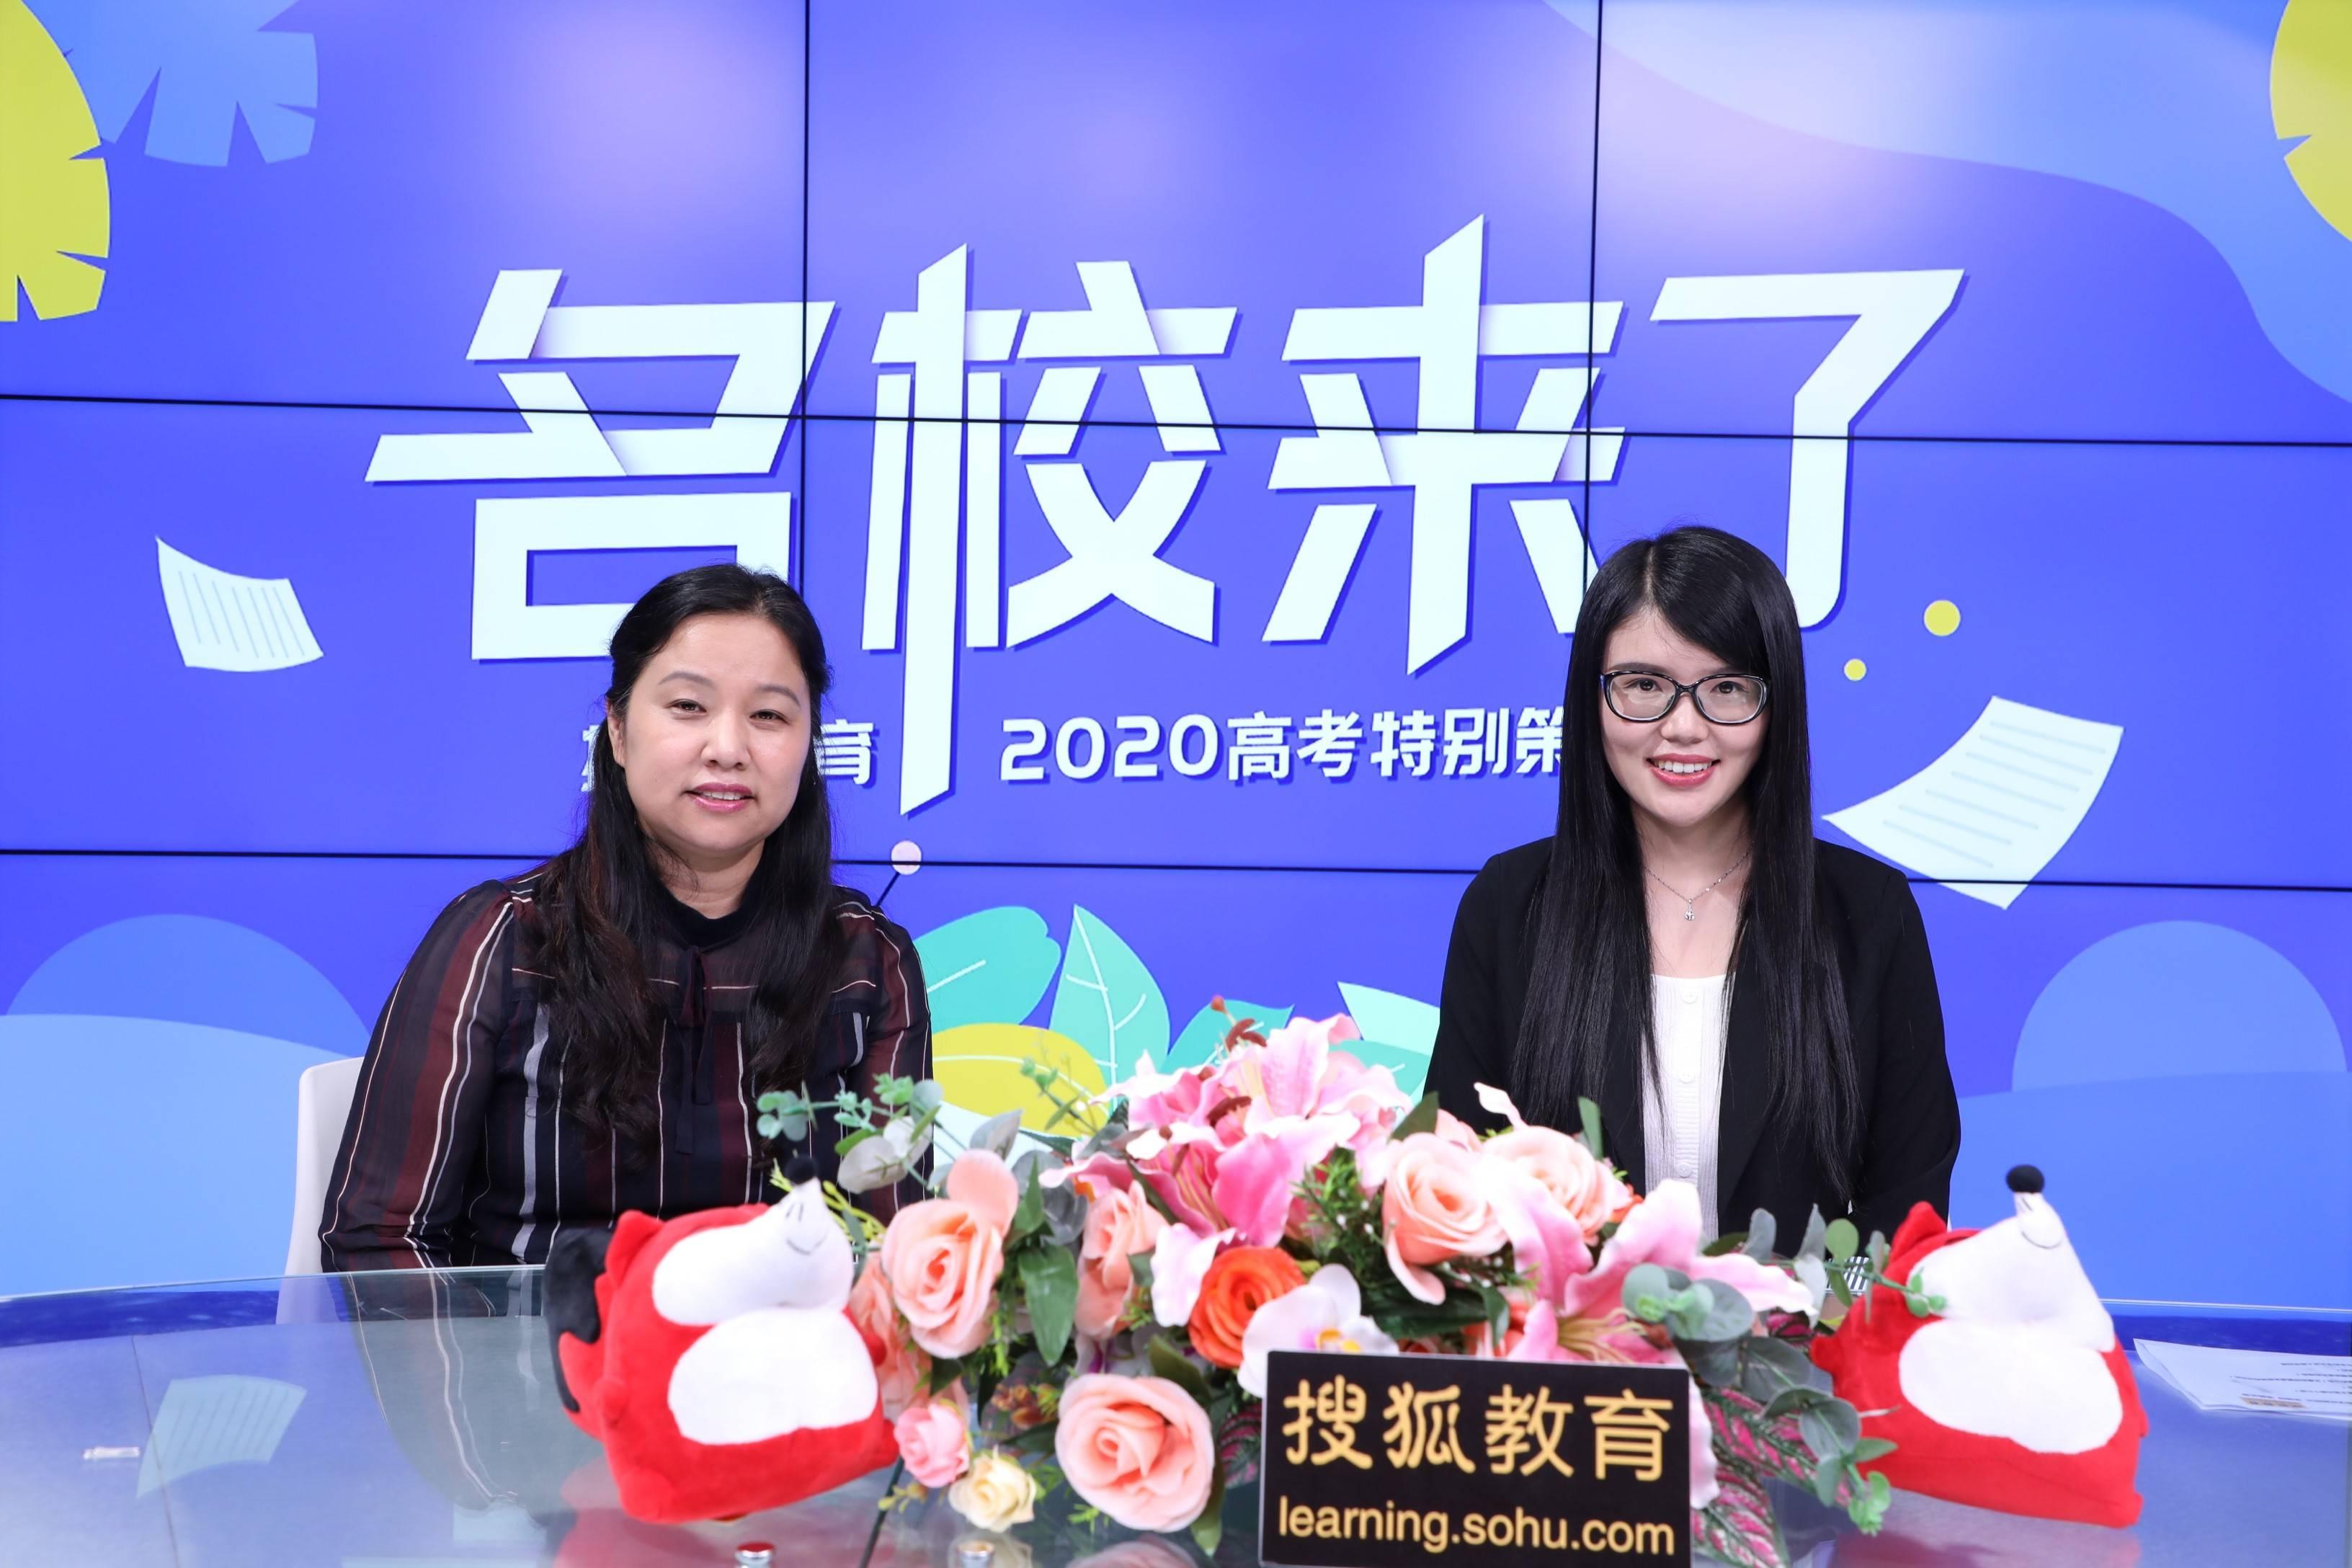 名校来了 北京语言大学:2020年招生计划1155人,新增了网络与新媒体专业